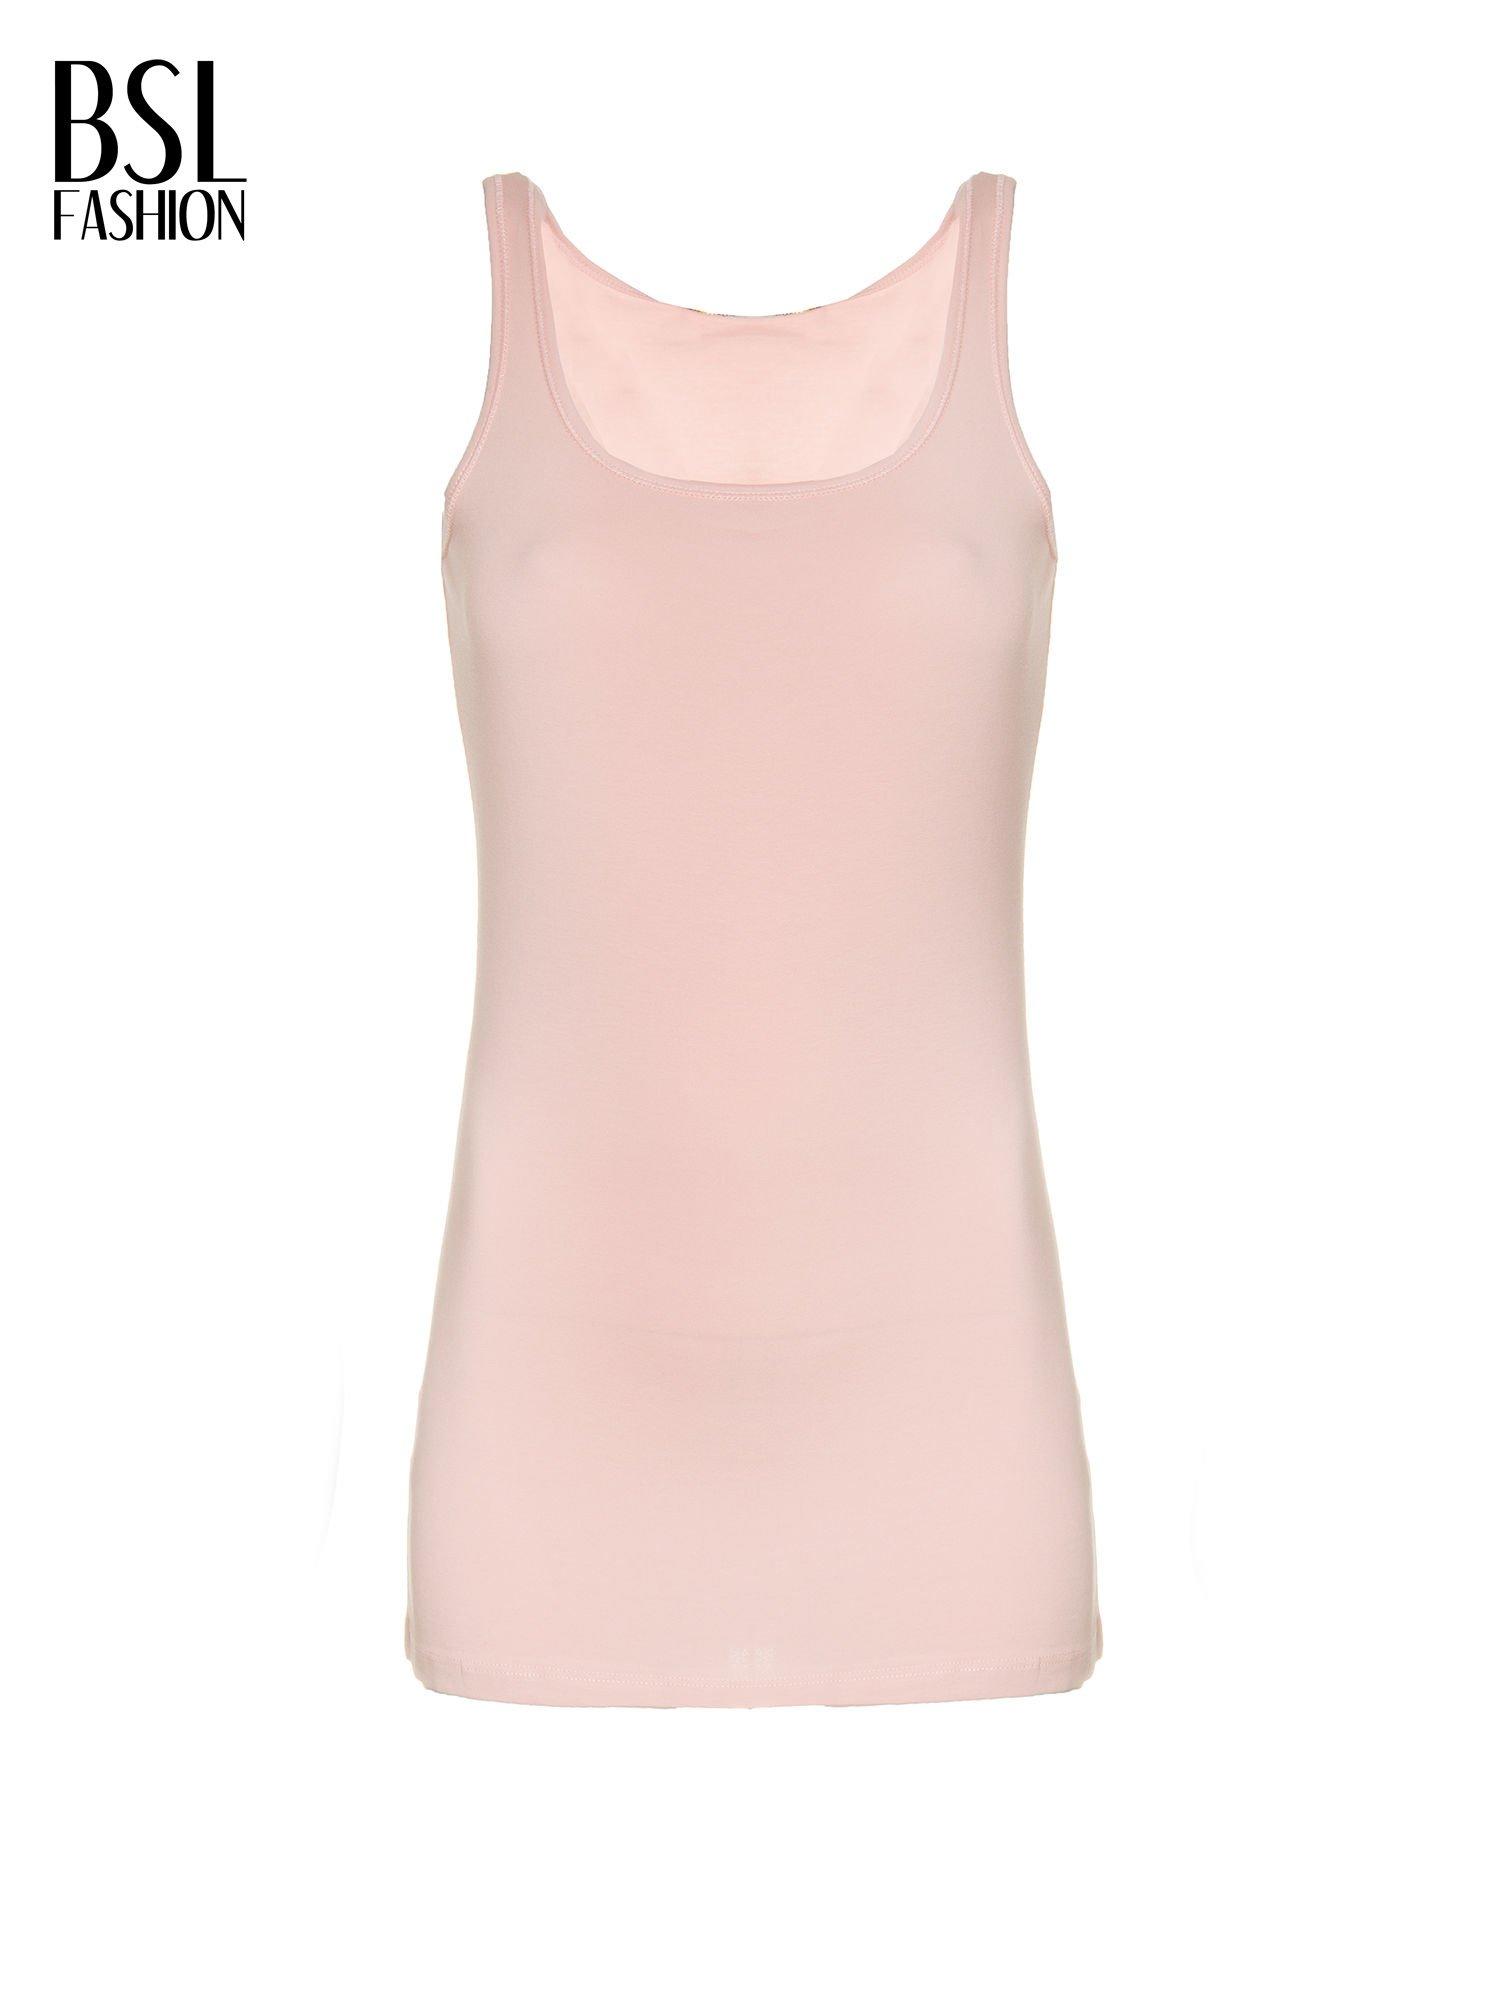 Różowy jednolity top na szerokich ramiączkach                                  zdj.                                  3